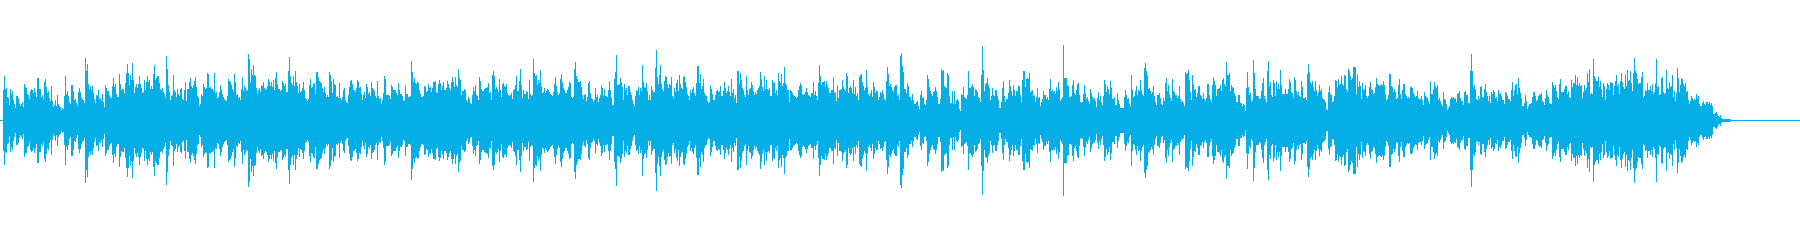 南米の三拍子のギターメインの民族音楽風の再生済みの波形